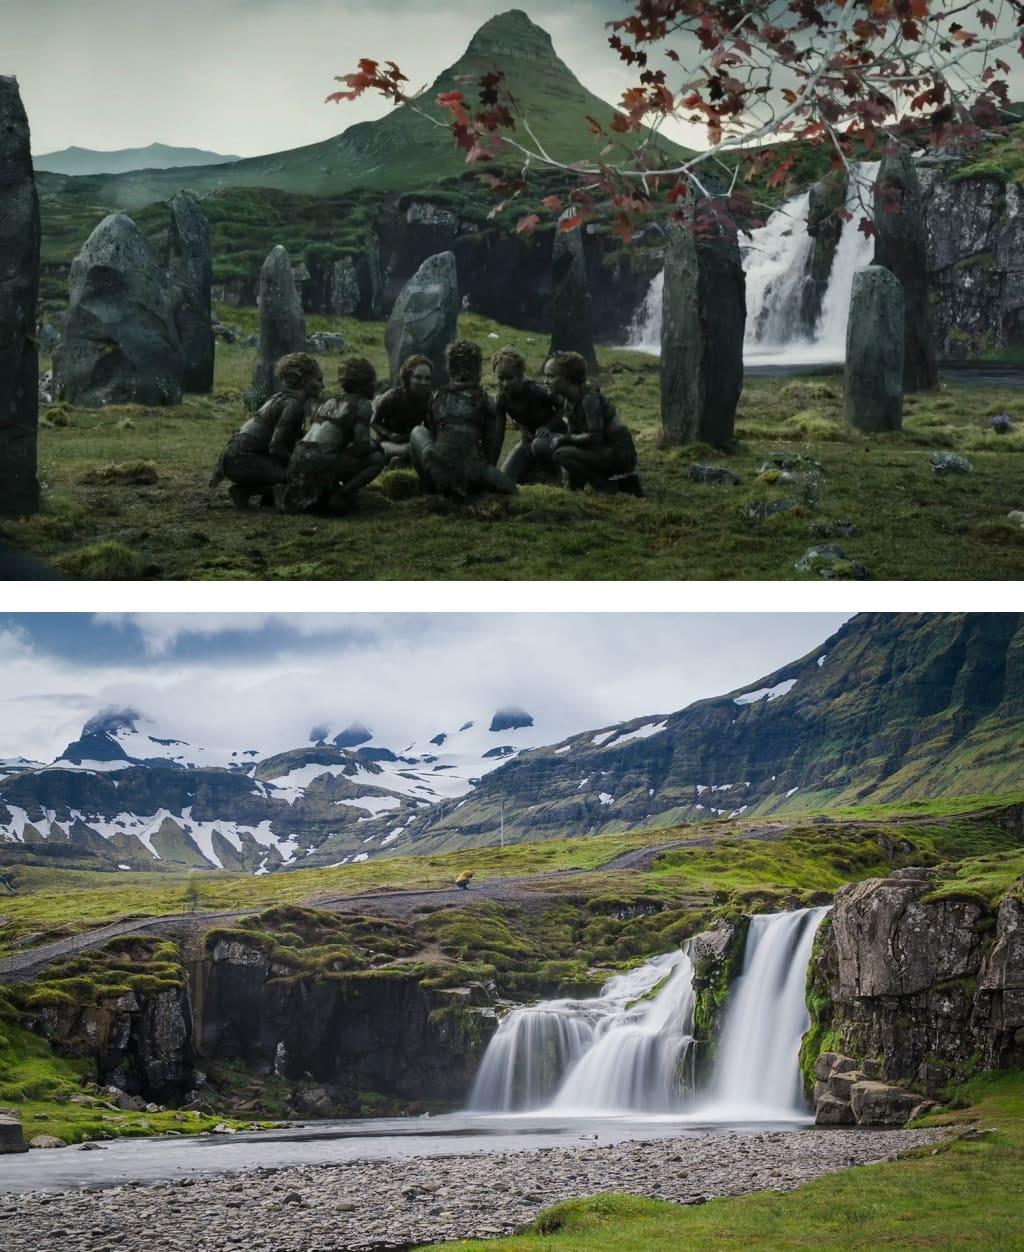 """Khám phá Iceland, bước chân vào thế giới ngoạn mục của """"Trò chơi Vương quyền"""" - 10"""